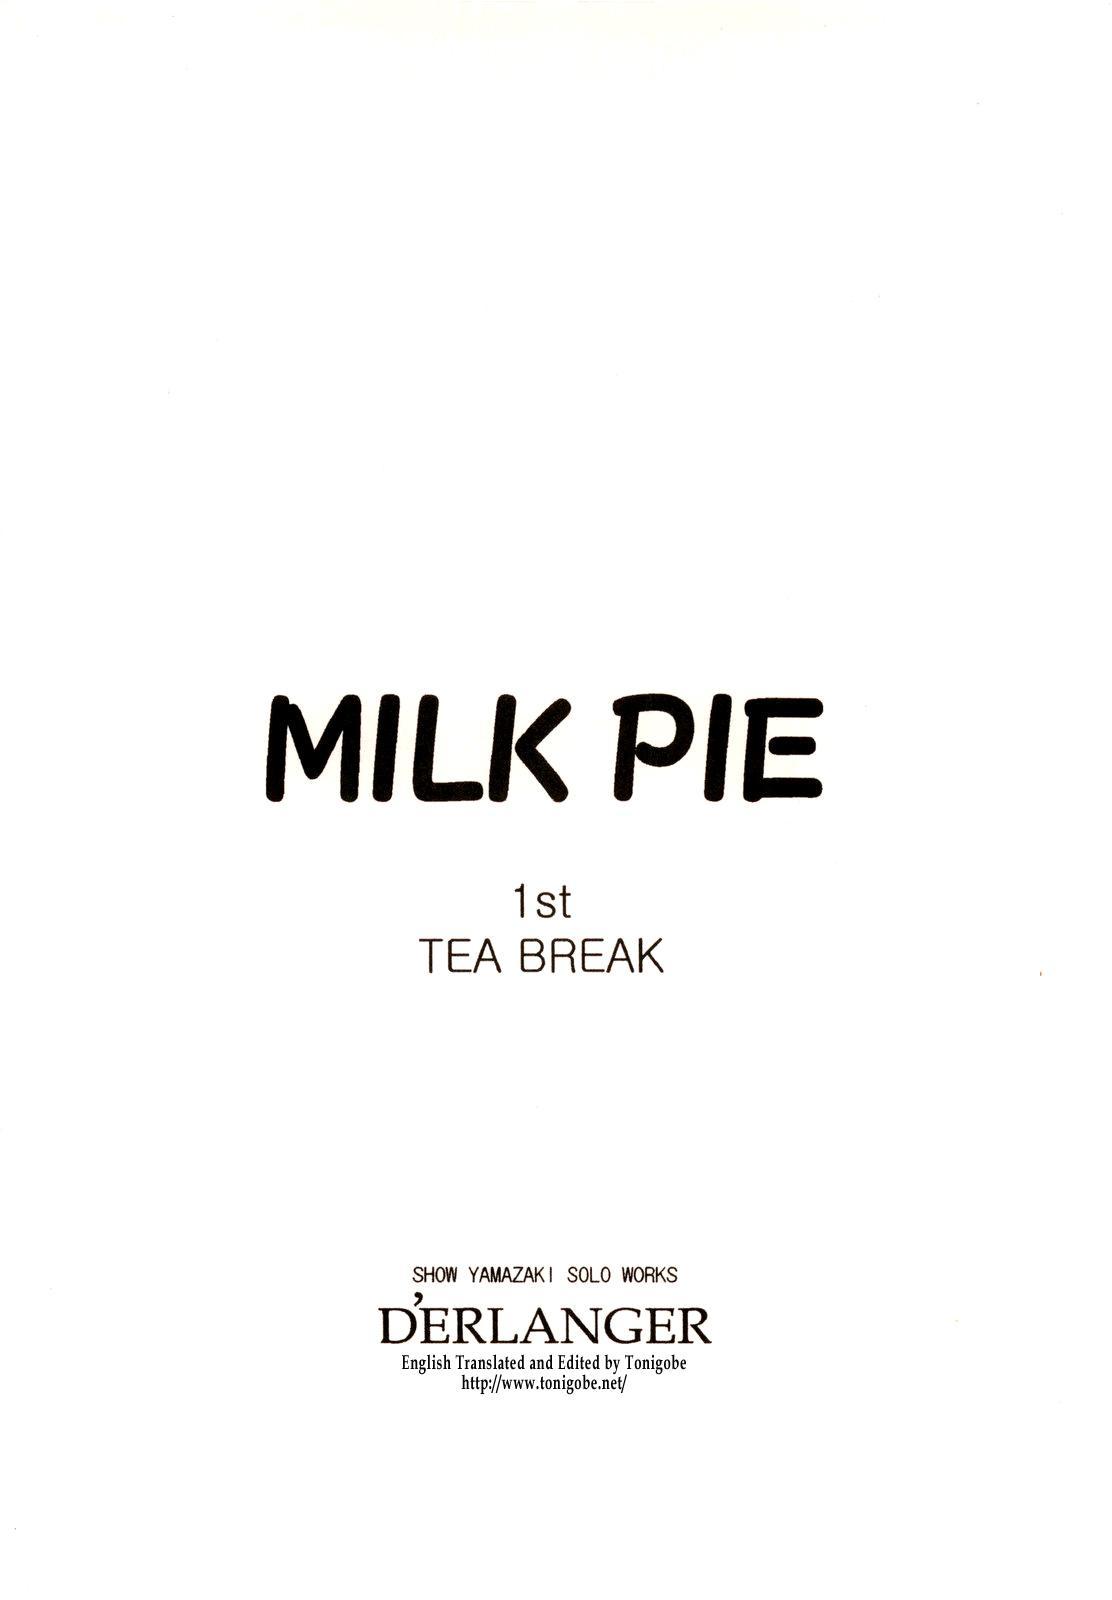 MILK PIE 1st TEA BREAK 19